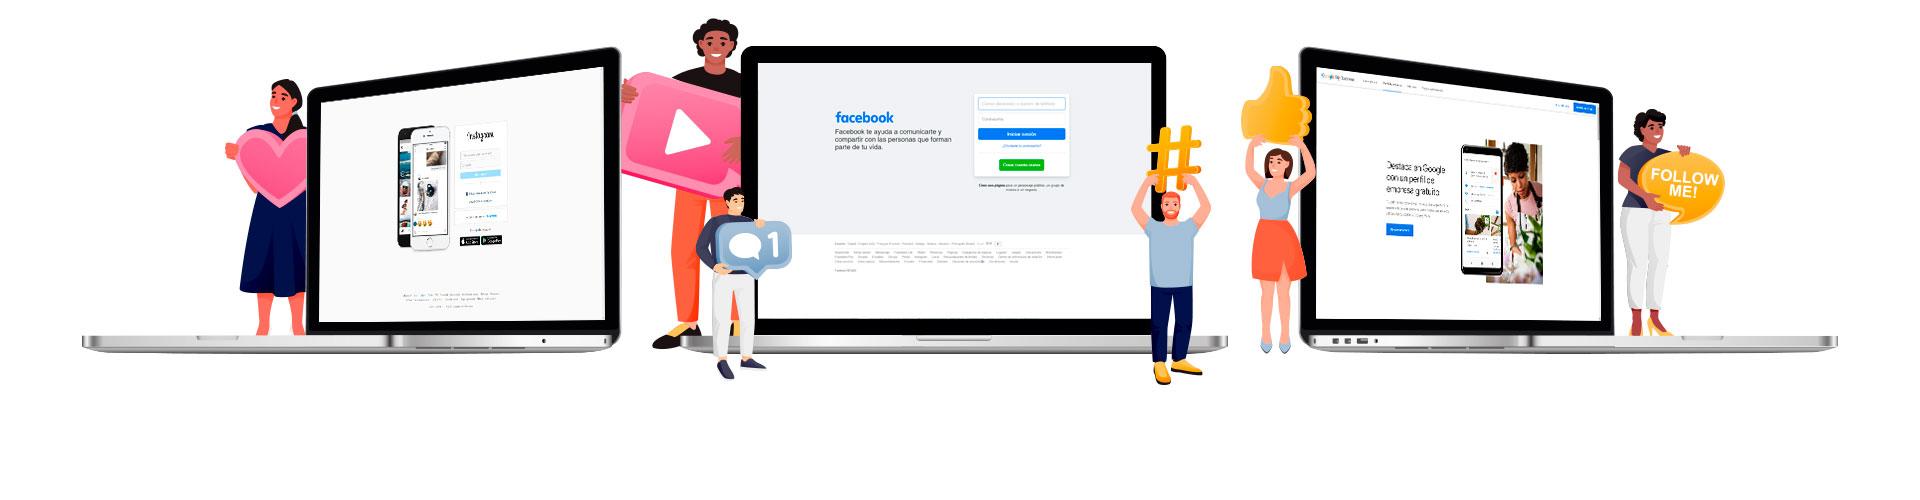 Nuevo servicio para empresas ¡Gestión de Redes Sociales!